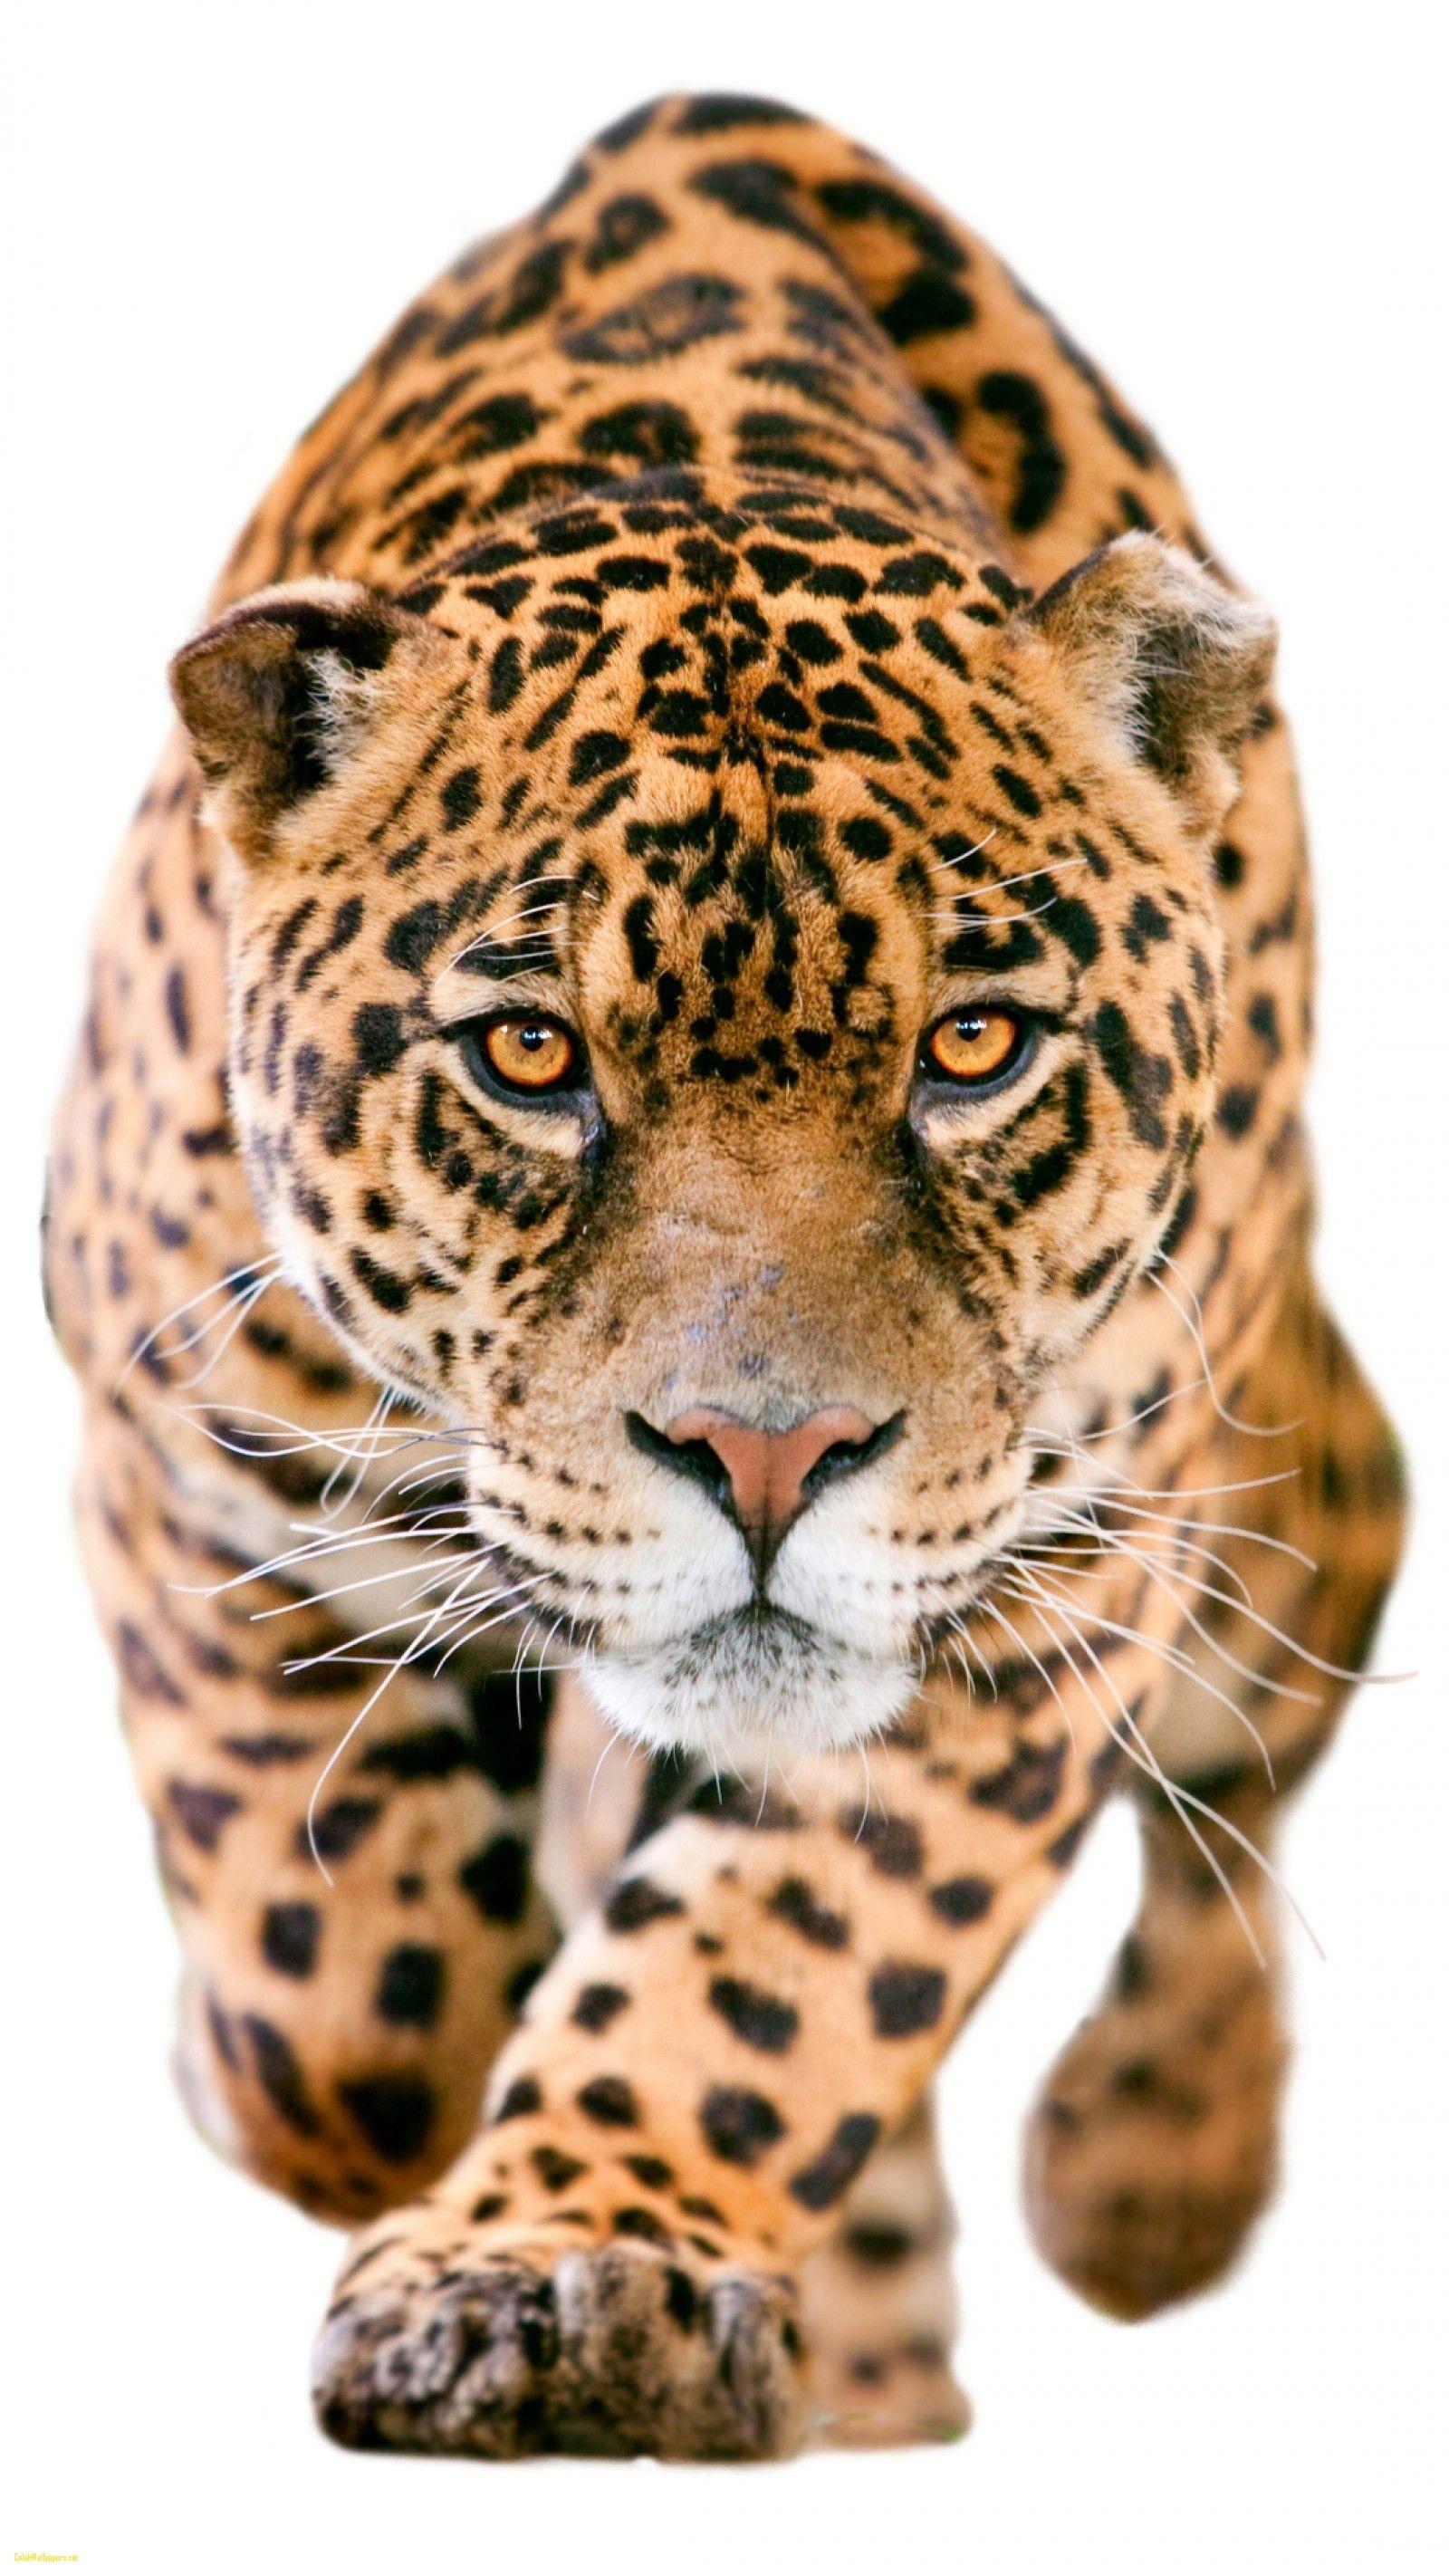 Jaguar iphone Wallpapers